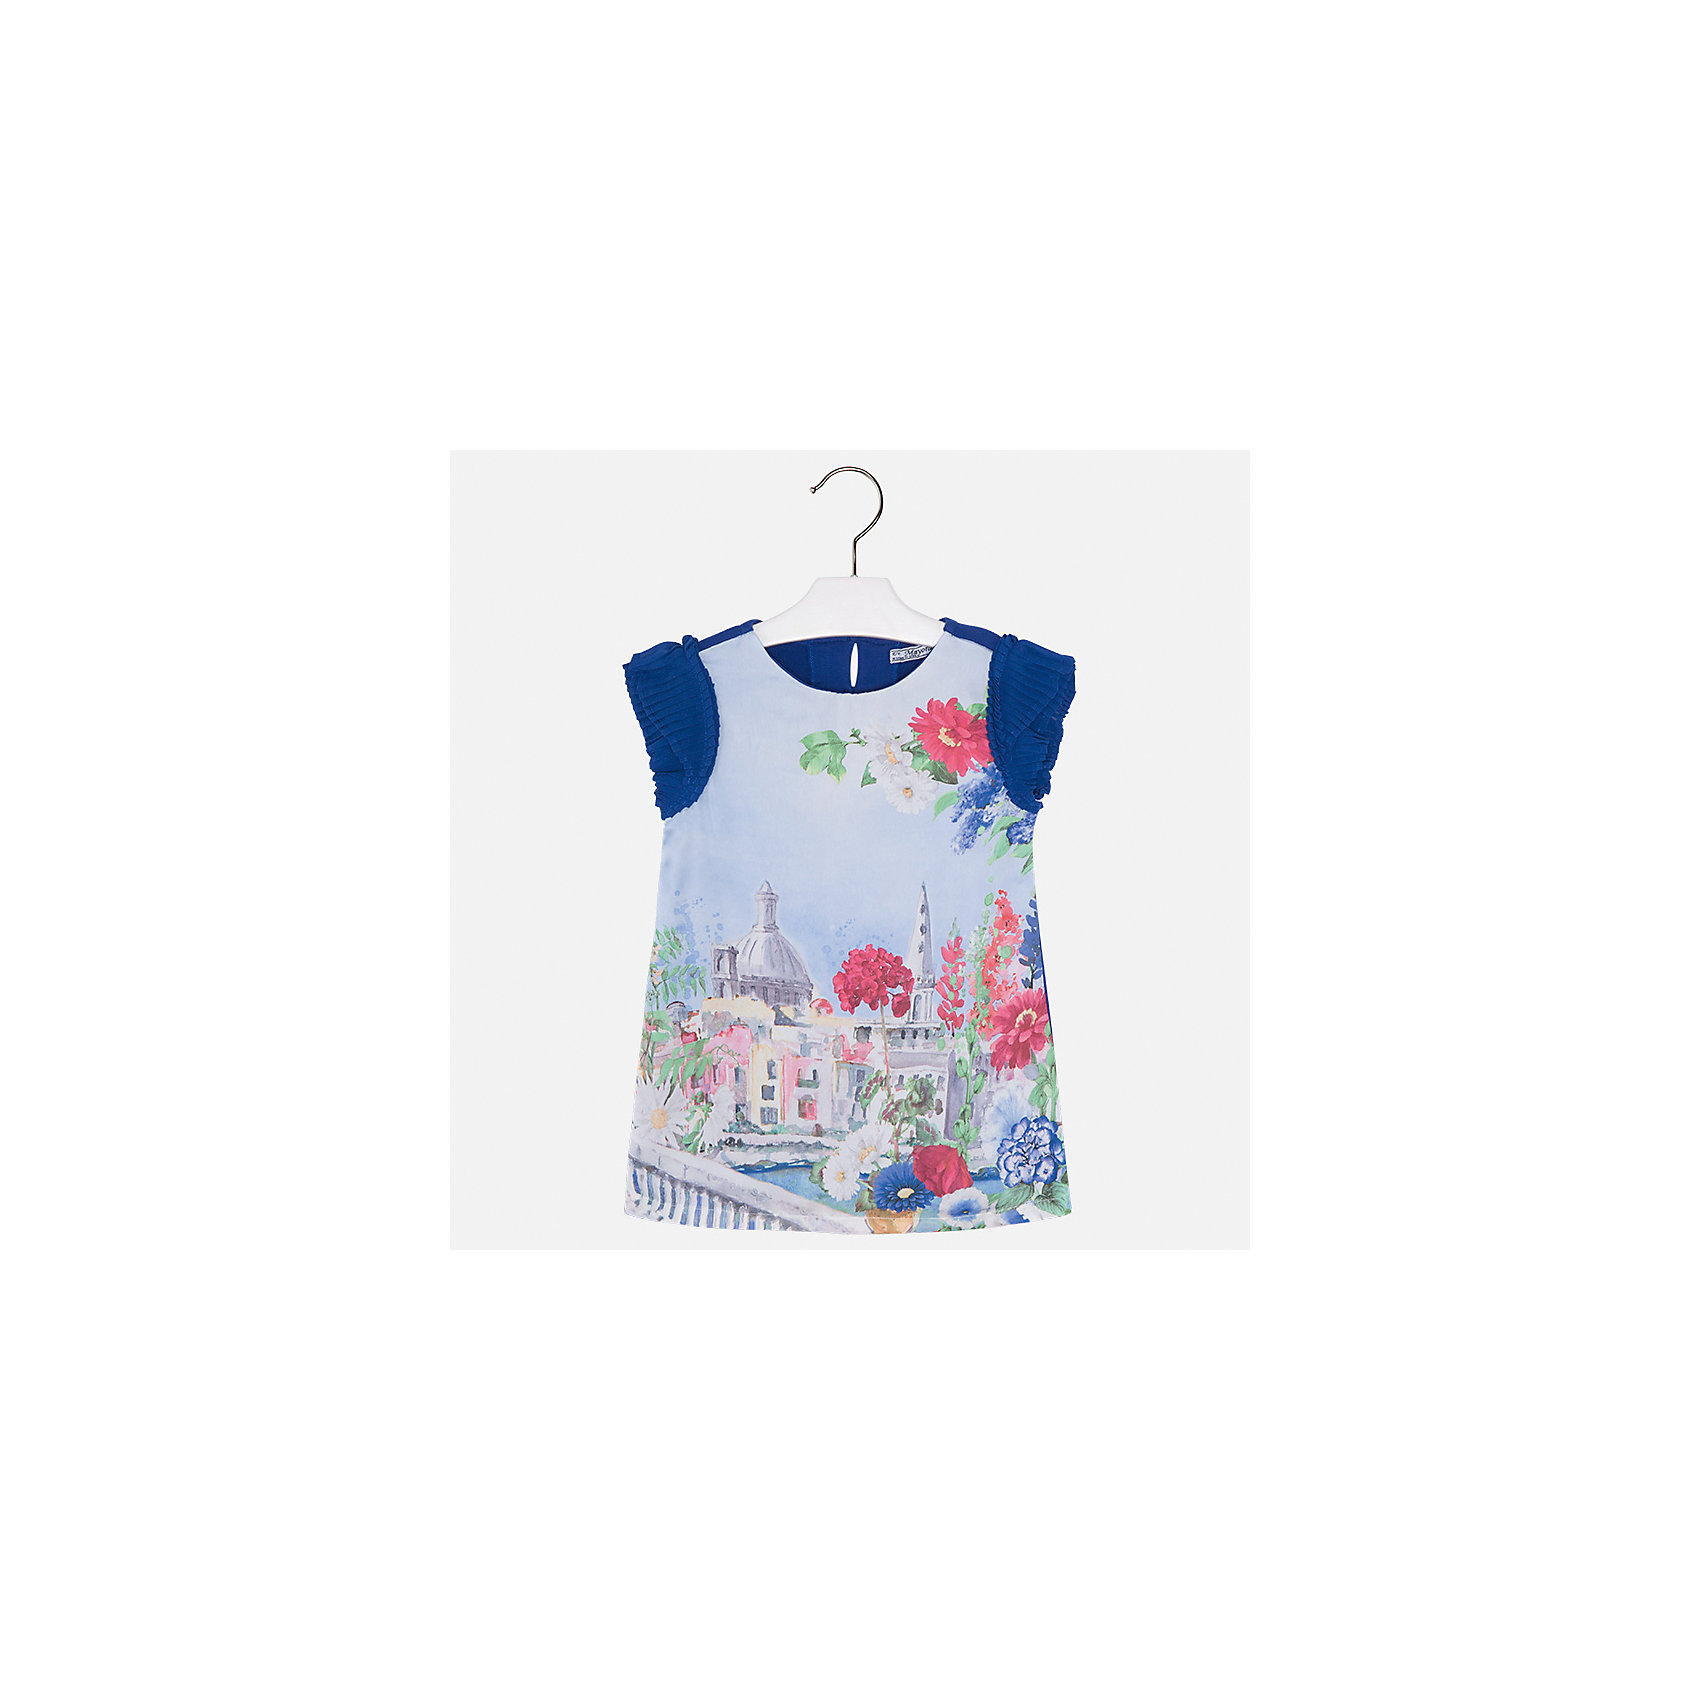 Платье для девочки MayoralПлатья и сарафаны<br>Характеристики товара:<br><br>• цвет: синий/голубой<br>• состав: 70% полиэстер, 28% хлопок, 2% эластан, подкладка - 95% хлопок, 5% эластан<br>• застежка: молния<br>• принт<br>• объемные короткие рукава<br>• прямой силуэт<br>• с подкладкой<br>• страна бренда: Испания<br><br>Эффектное платье для девочки поможет разнообразить гардероб ребенка и создать эффектный наряд. Оно отлично подойдет и для торжественных случаев. Красивый оттенок позволяет подобрать к вещи обувь разных расцветок. В составе материала подкладки - натуральный хлопок, гипоаллергенный, приятный на ощупь, дышащий. Платье хорошо сидит по фигуре.<br><br>Одежда, обувь и аксессуары от испанского бренда Mayoral полюбились детям и взрослым по всему миру. Модели этой марки - стильные и удобные. Для их производства используются только безопасные, качественные материалы и фурнитура. Порадуйте ребенка модными и красивыми вещами от Mayoral! <br><br>Платье для девочки от испанского бренда Mayoral (Майорал) можно купить в нашем интернет-магазине.<br><br>Ширина мм: 236<br>Глубина мм: 16<br>Высота мм: 184<br>Вес г: 177<br>Цвет: синий<br>Возраст от месяцев: 96<br>Возраст до месяцев: 108<br>Пол: Женский<br>Возраст: Детский<br>Размер: 134,98,104,110,116,122,128,92<br>SKU: 5291207